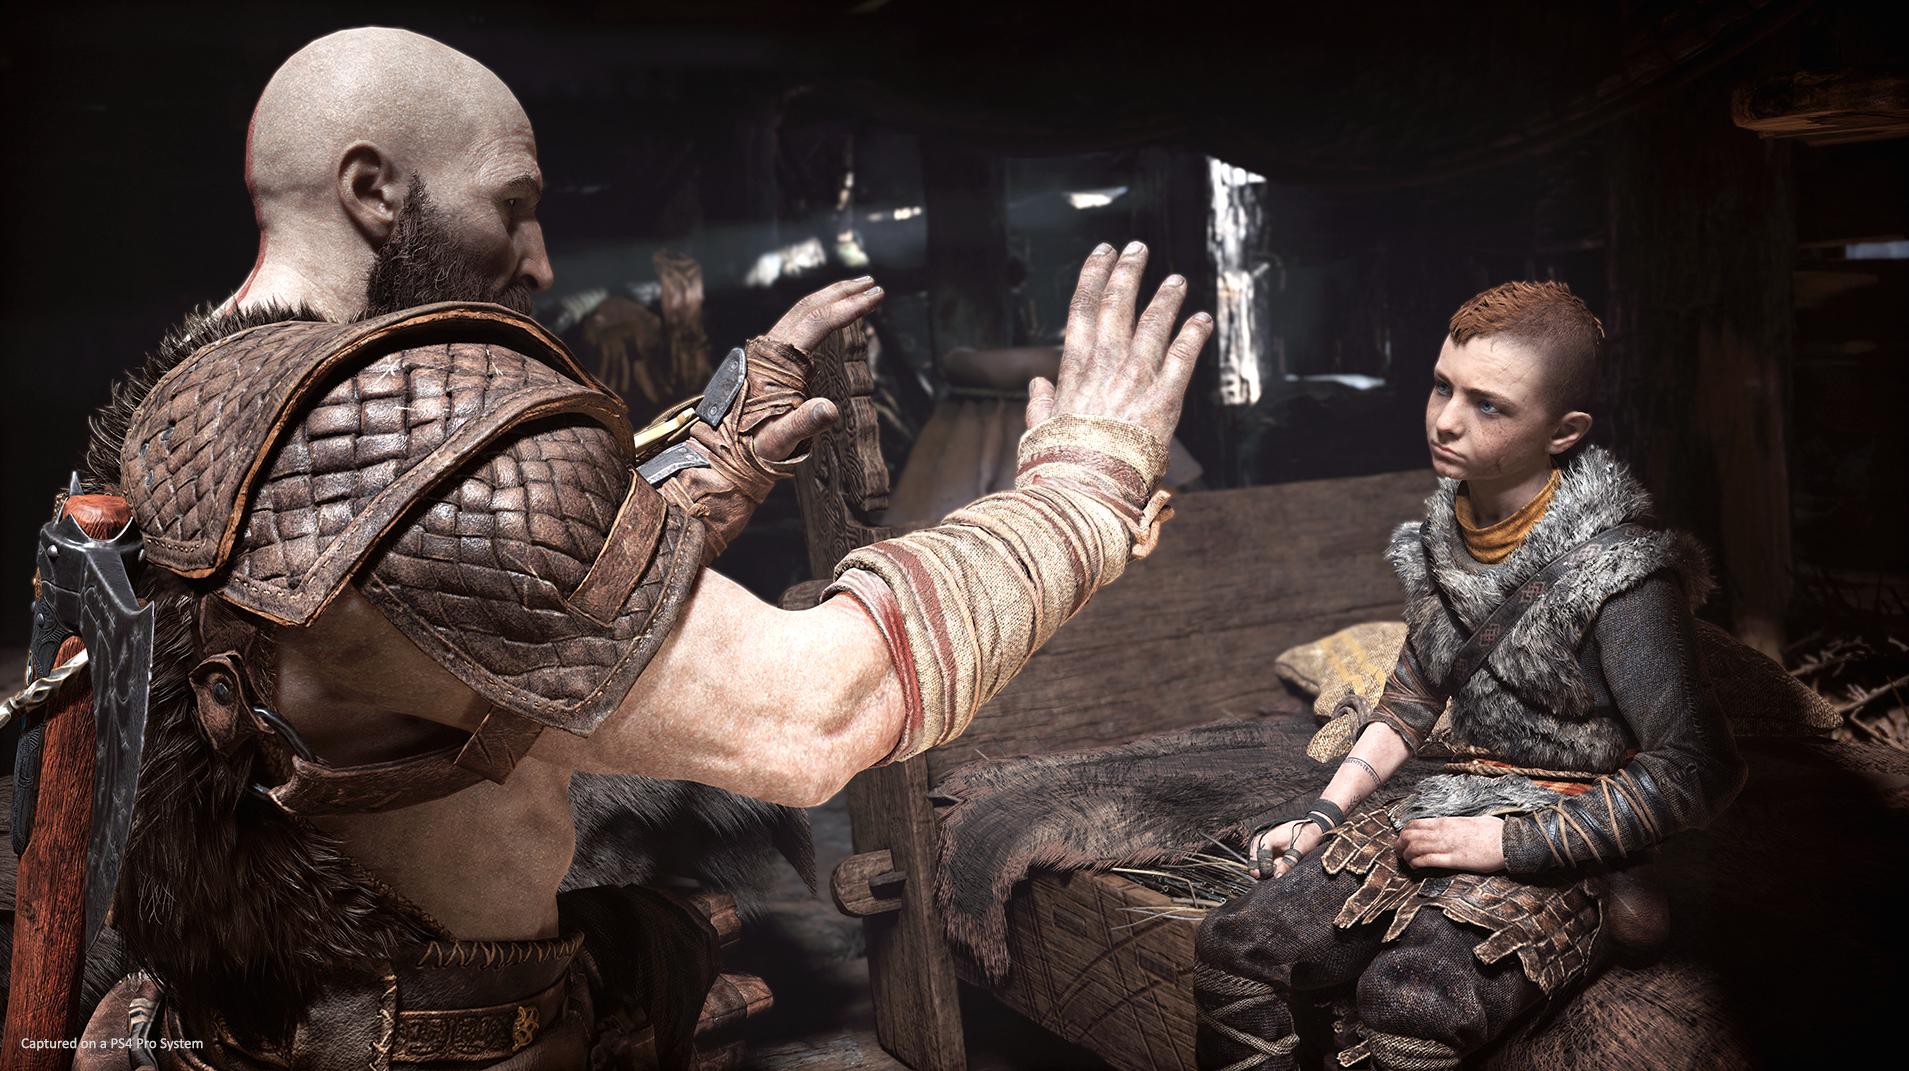 god-of-war-kratos-and-atreus.png